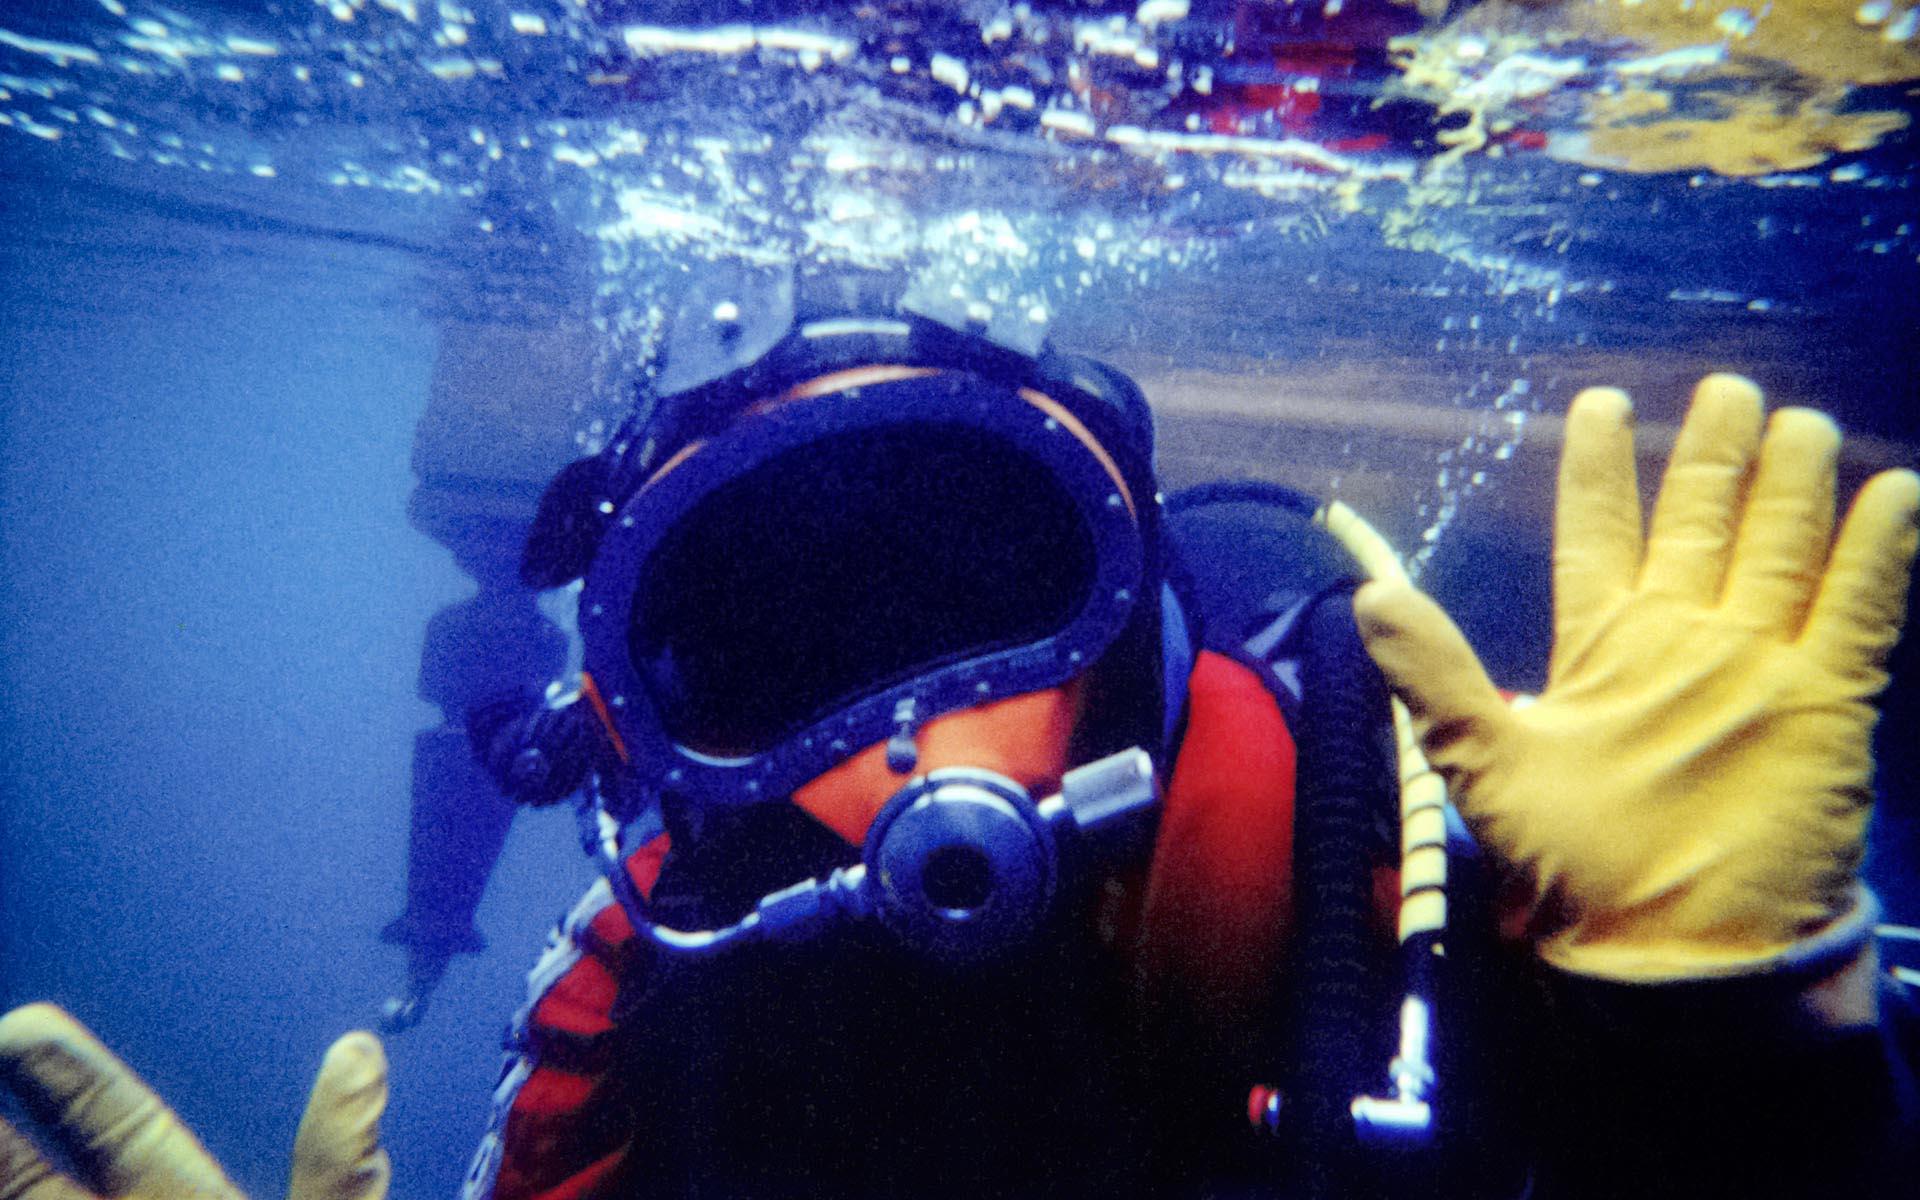 the piano underwater photo by kent miklenda 1920x1200.jpg